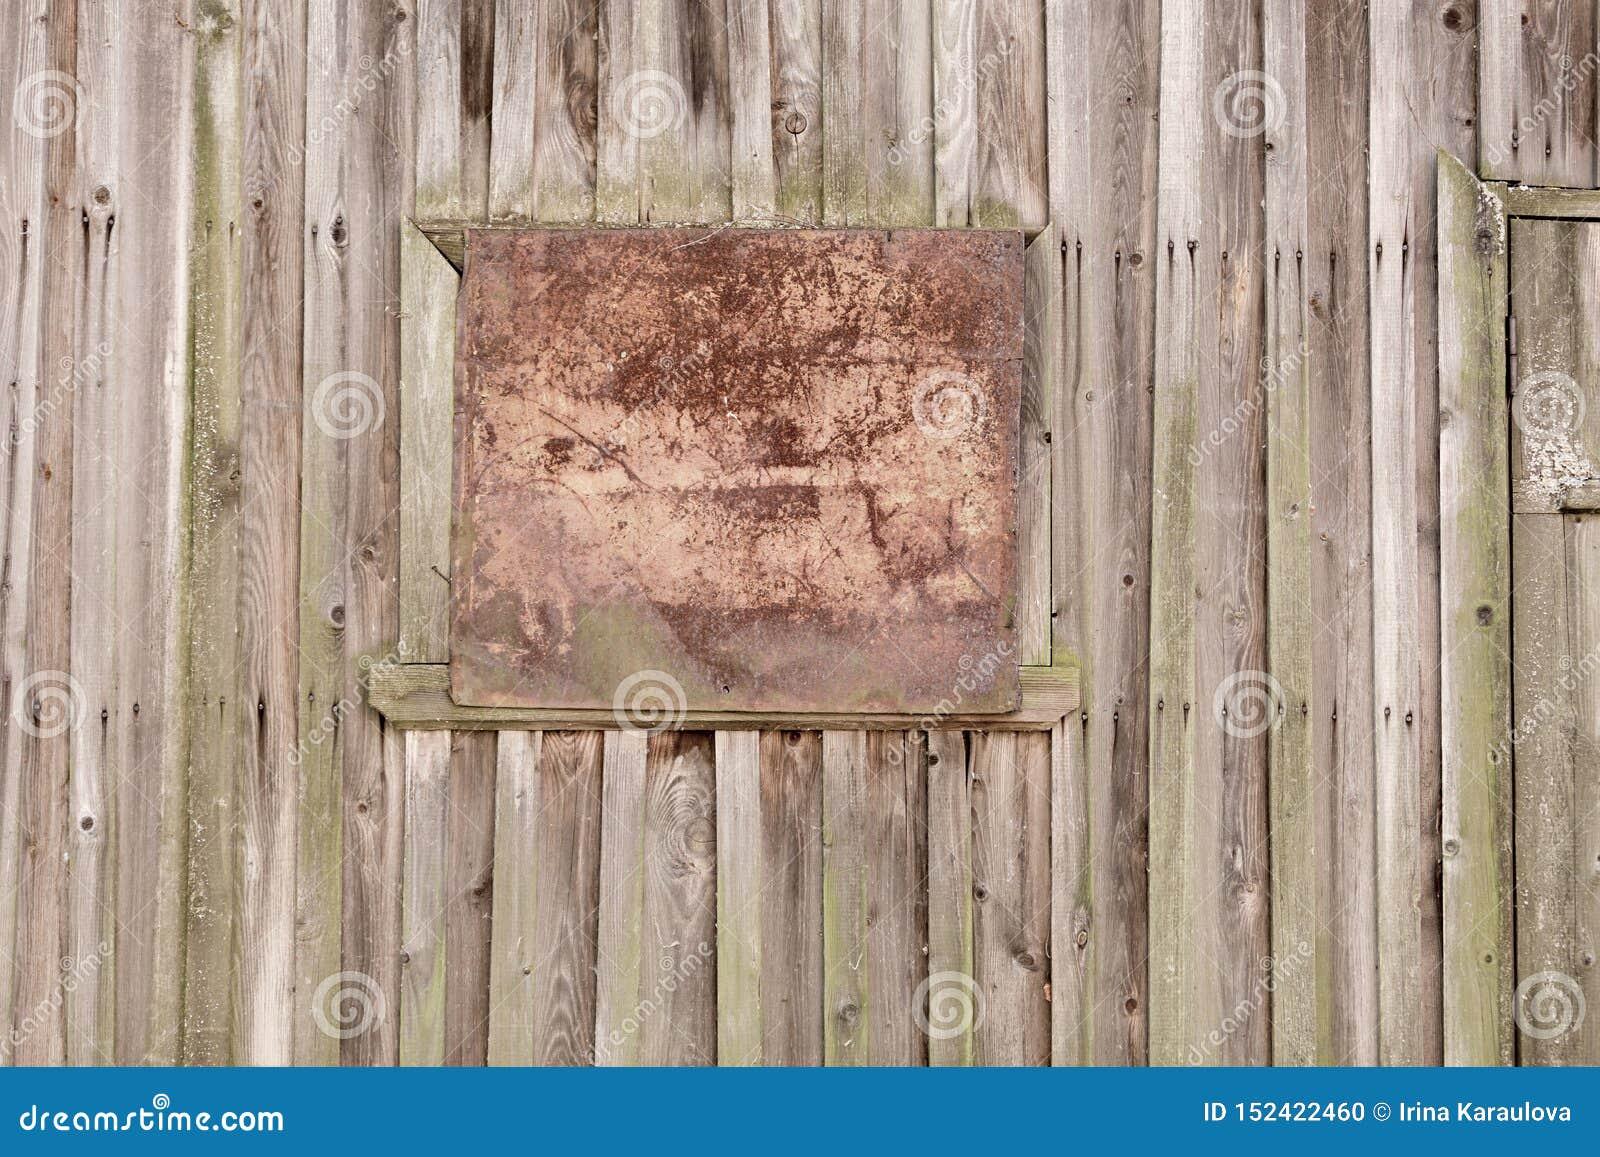 Planches en bois de fond de vieille maison, vieux bois traité